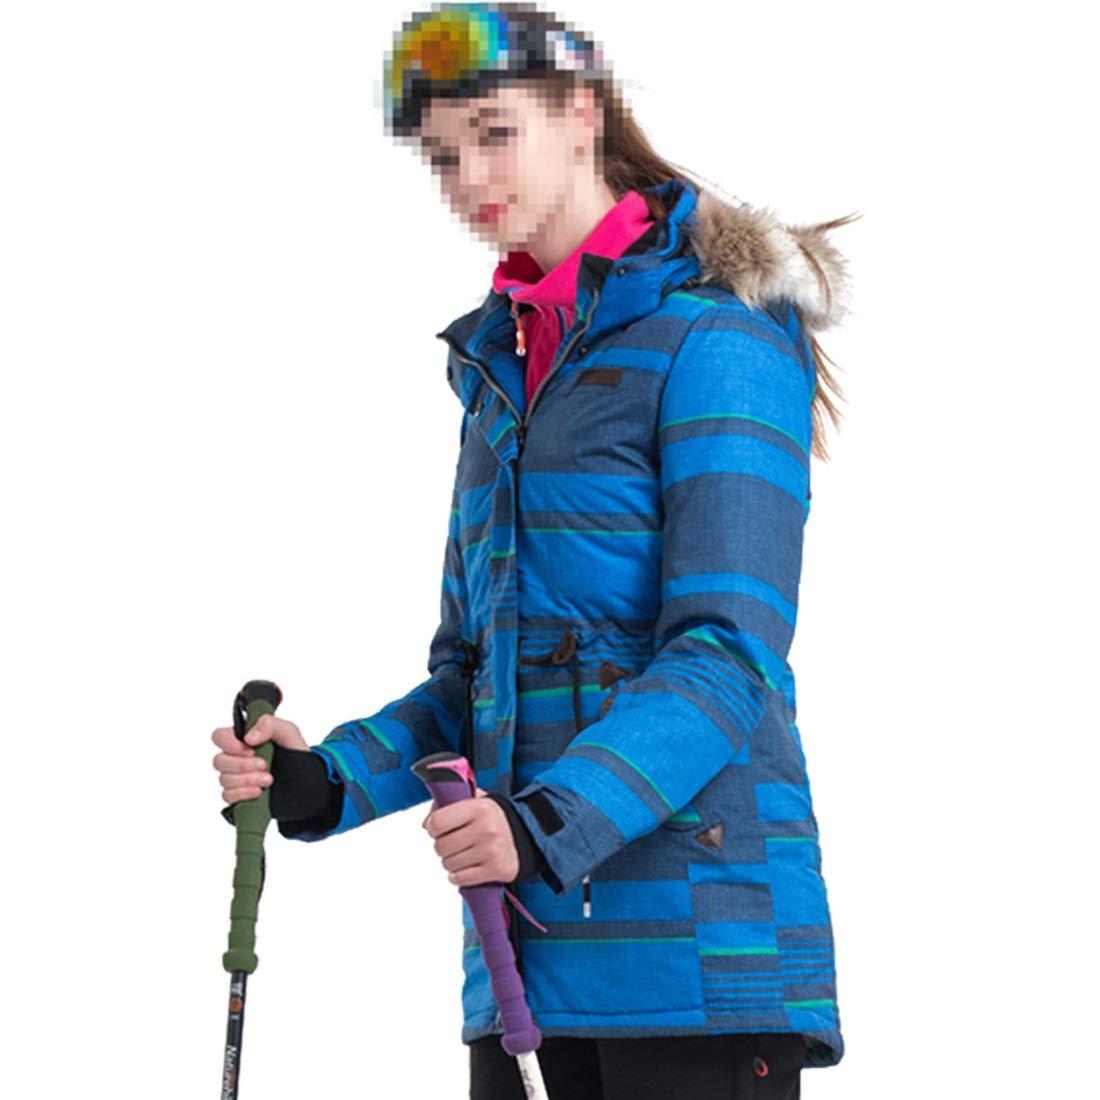 KAKACITY 女性のマウンテンスキージャケット防水防風暖かい冬のレインコート (色 : 青, サイズ : XL) 青 X-Large